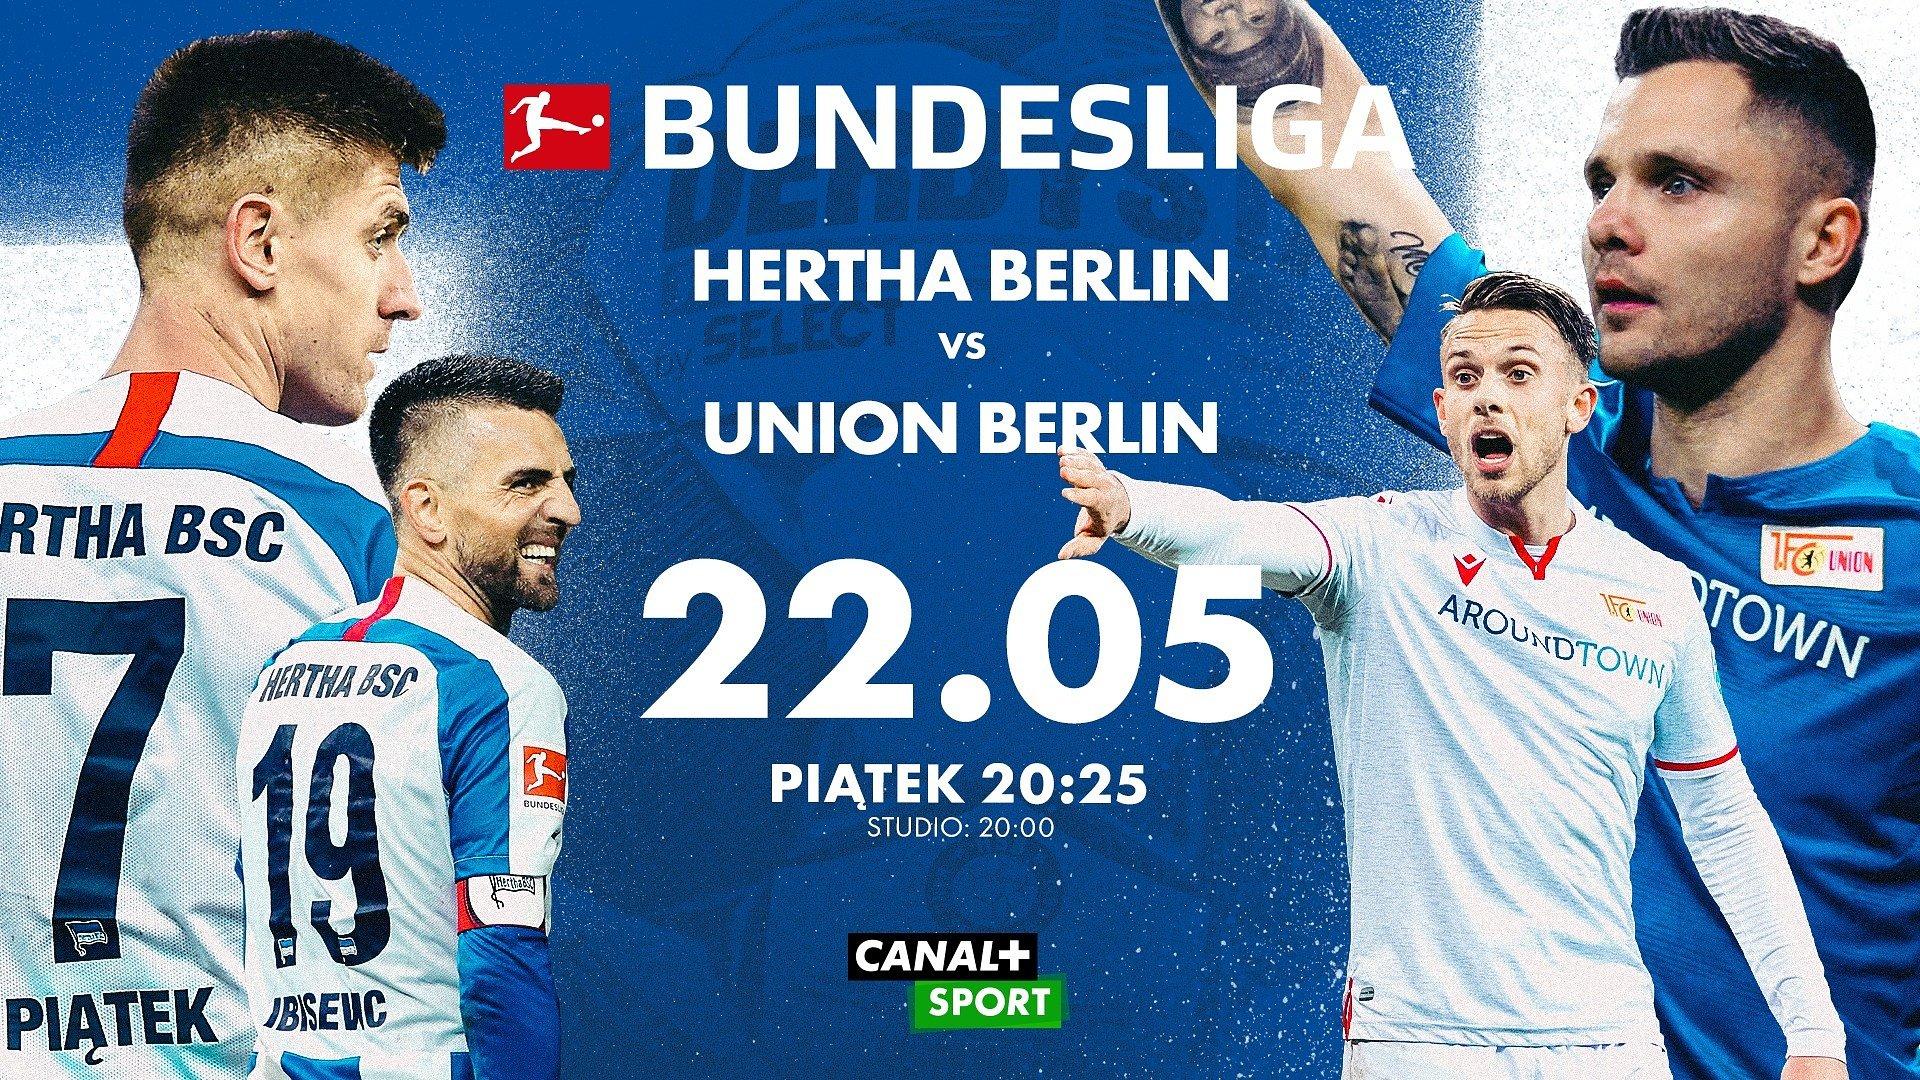 Weekend w CANAL+ SPORT: Bundesliga i gość specjalny w R1. Rezerwowym programie żużlowym